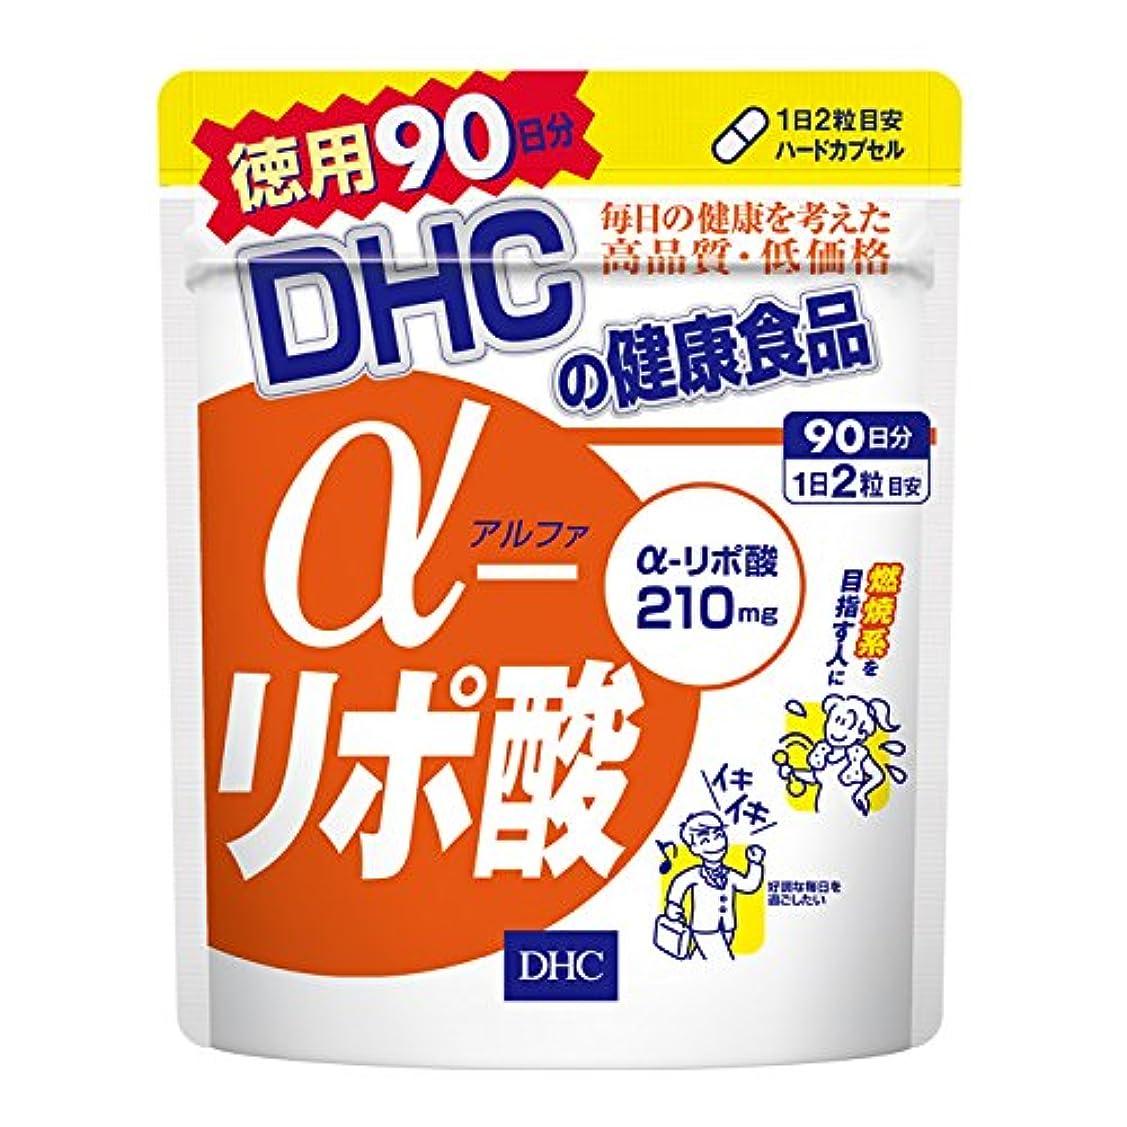 森アルコール温度DHC α(アルファ)-リポ酸 徳用90日分